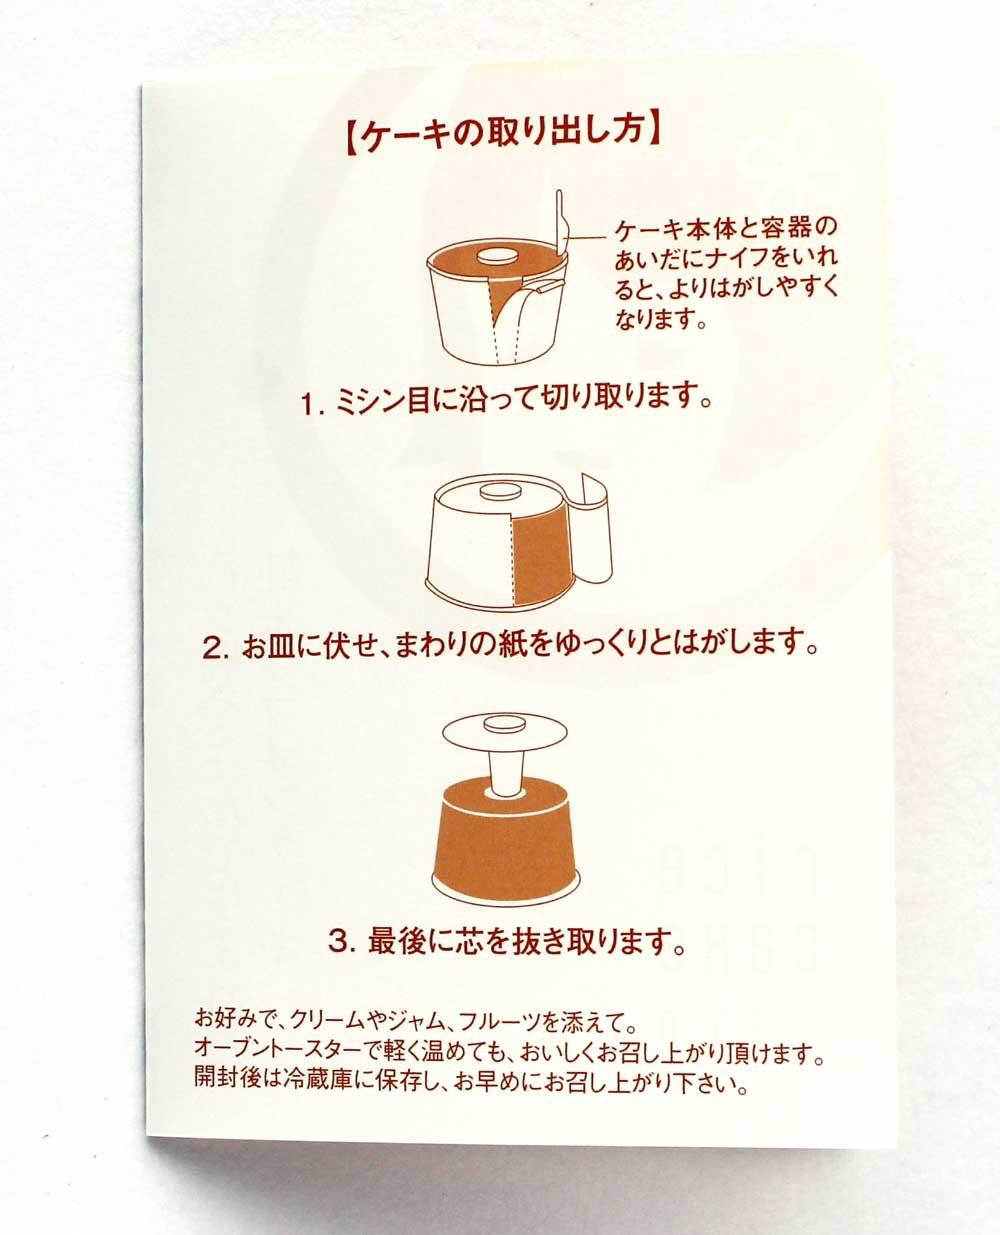 ためちゃんの純米シフォンケーキ チョコミントの取り出し方